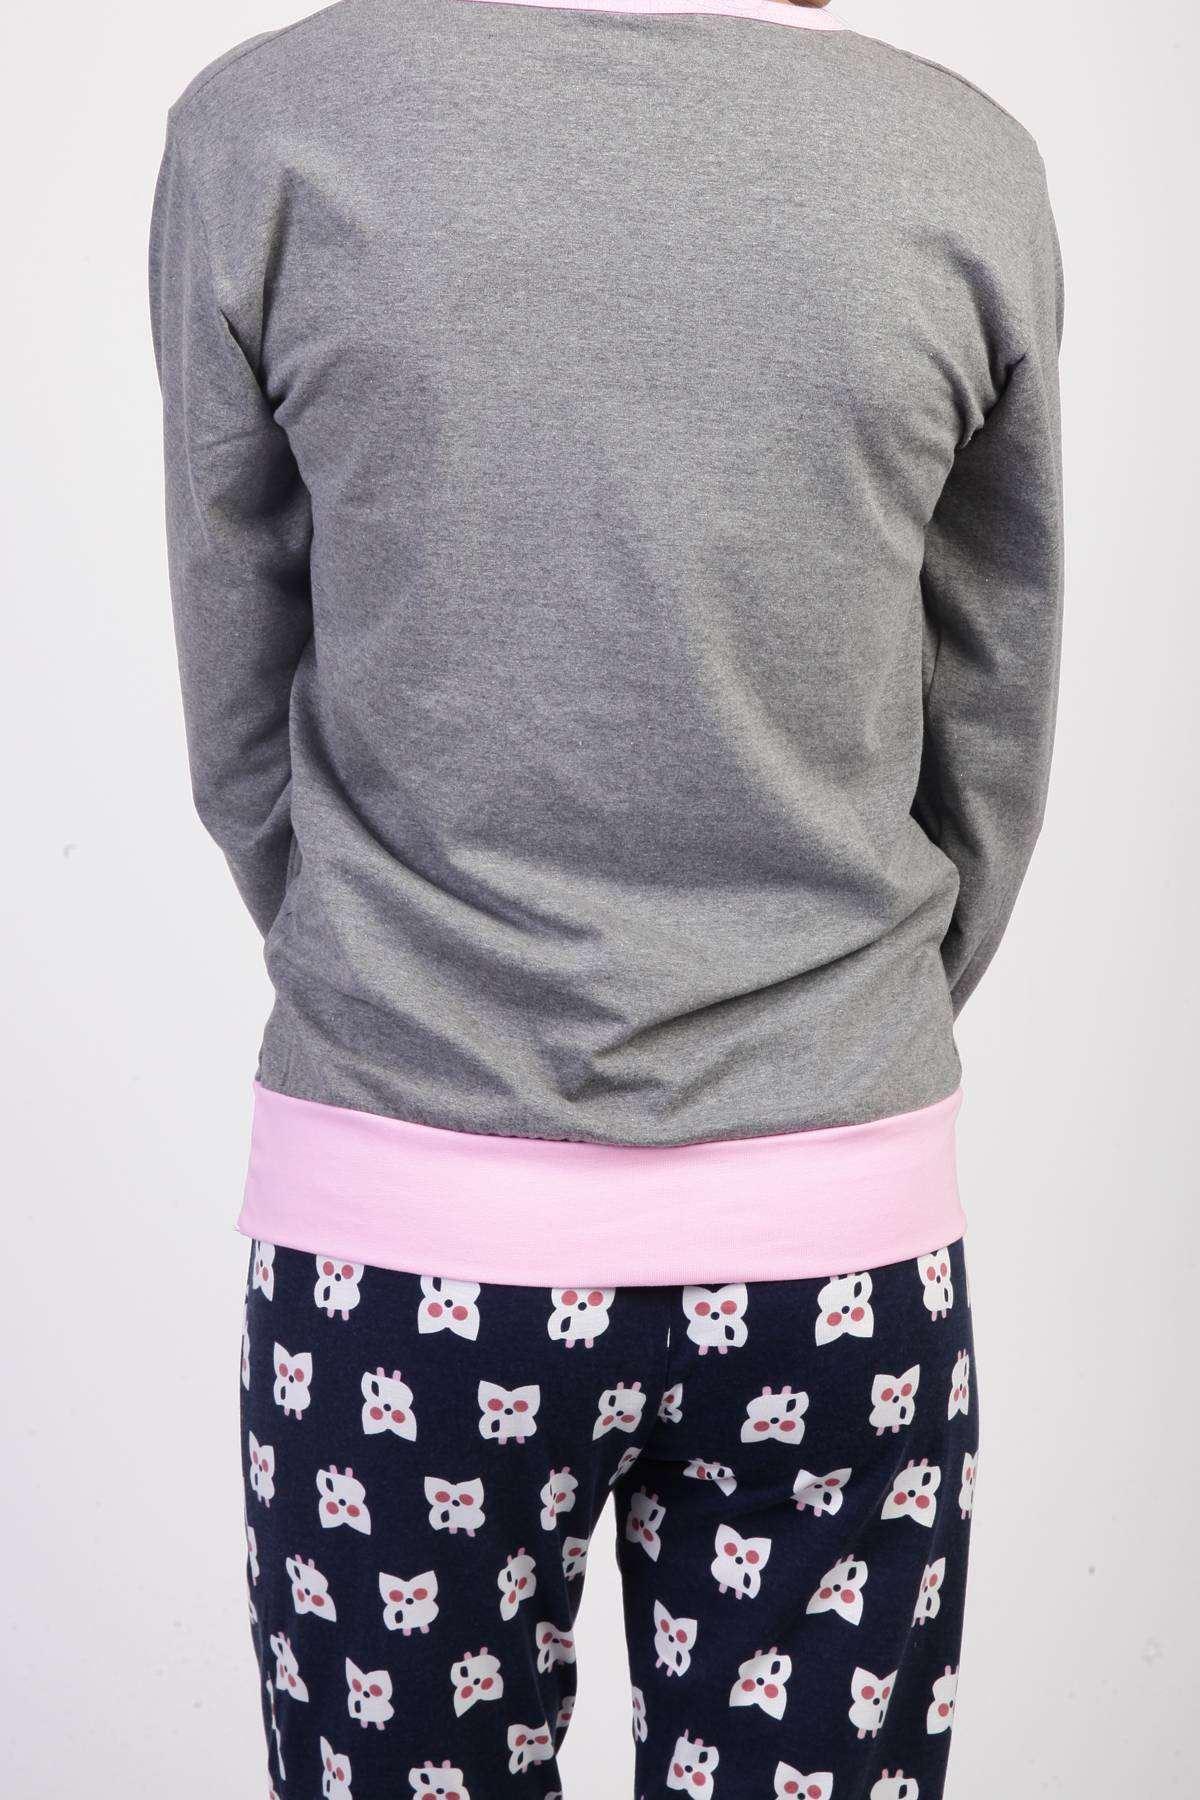 Kuş Baskılı Pijama Takımı Füme